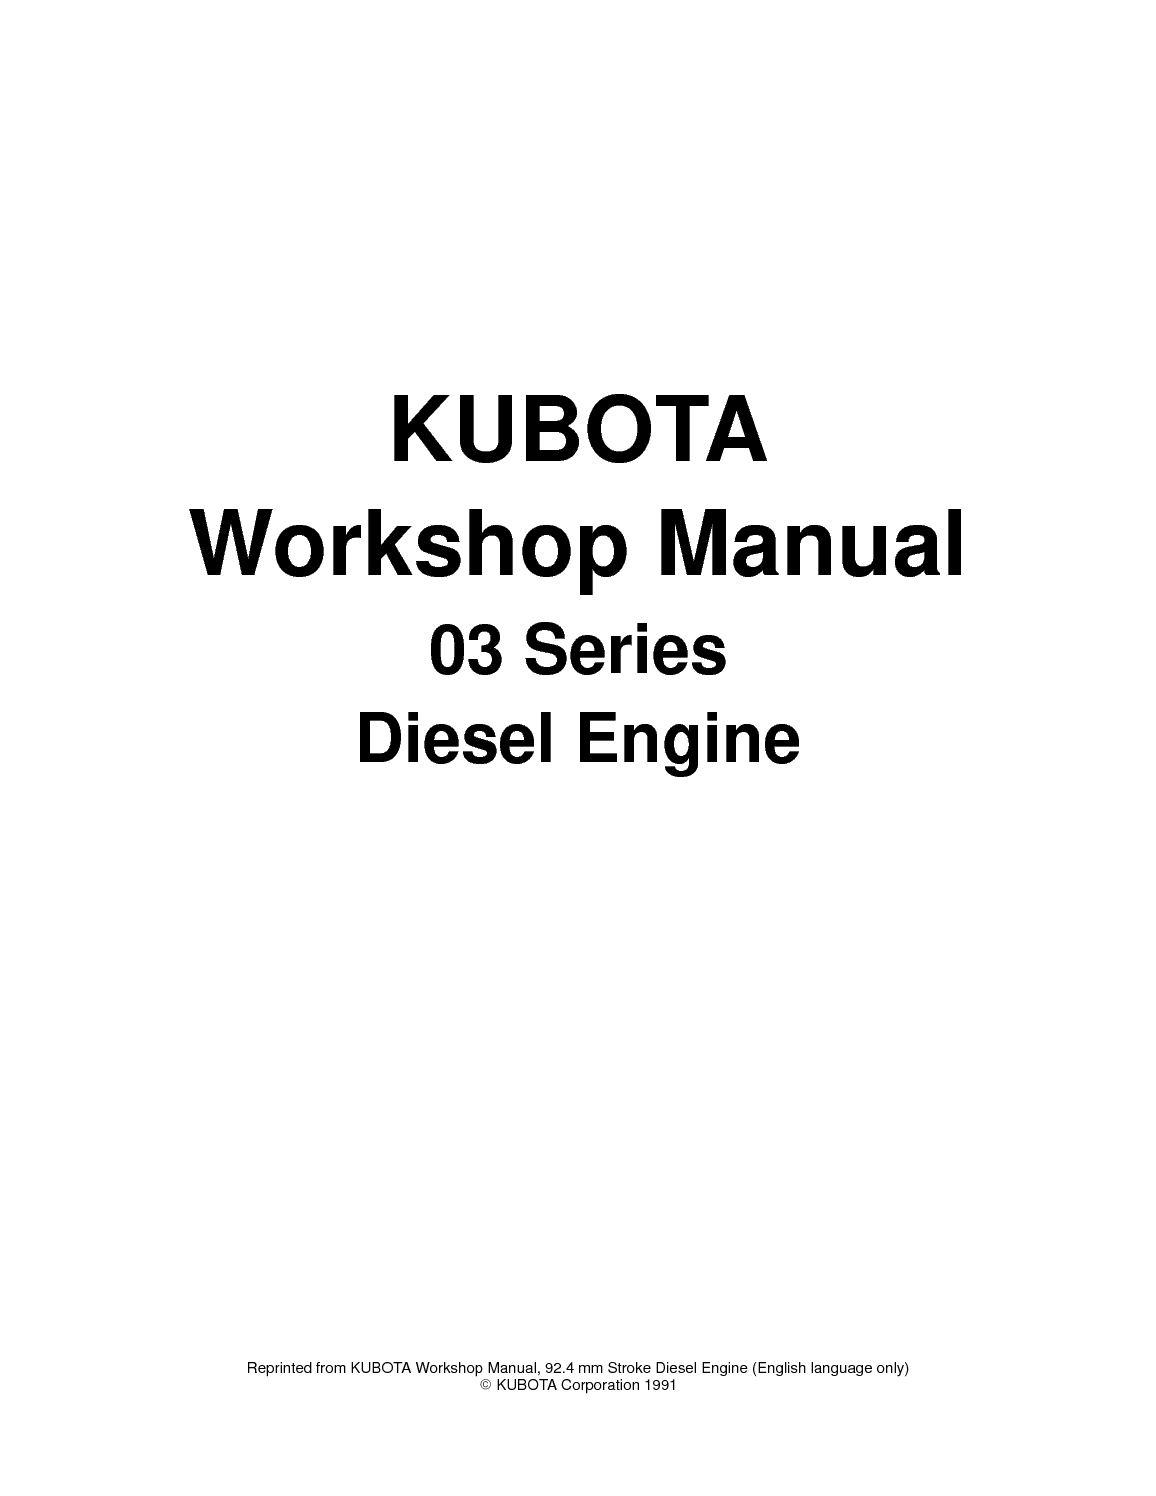 kubota diesel engine shop manual